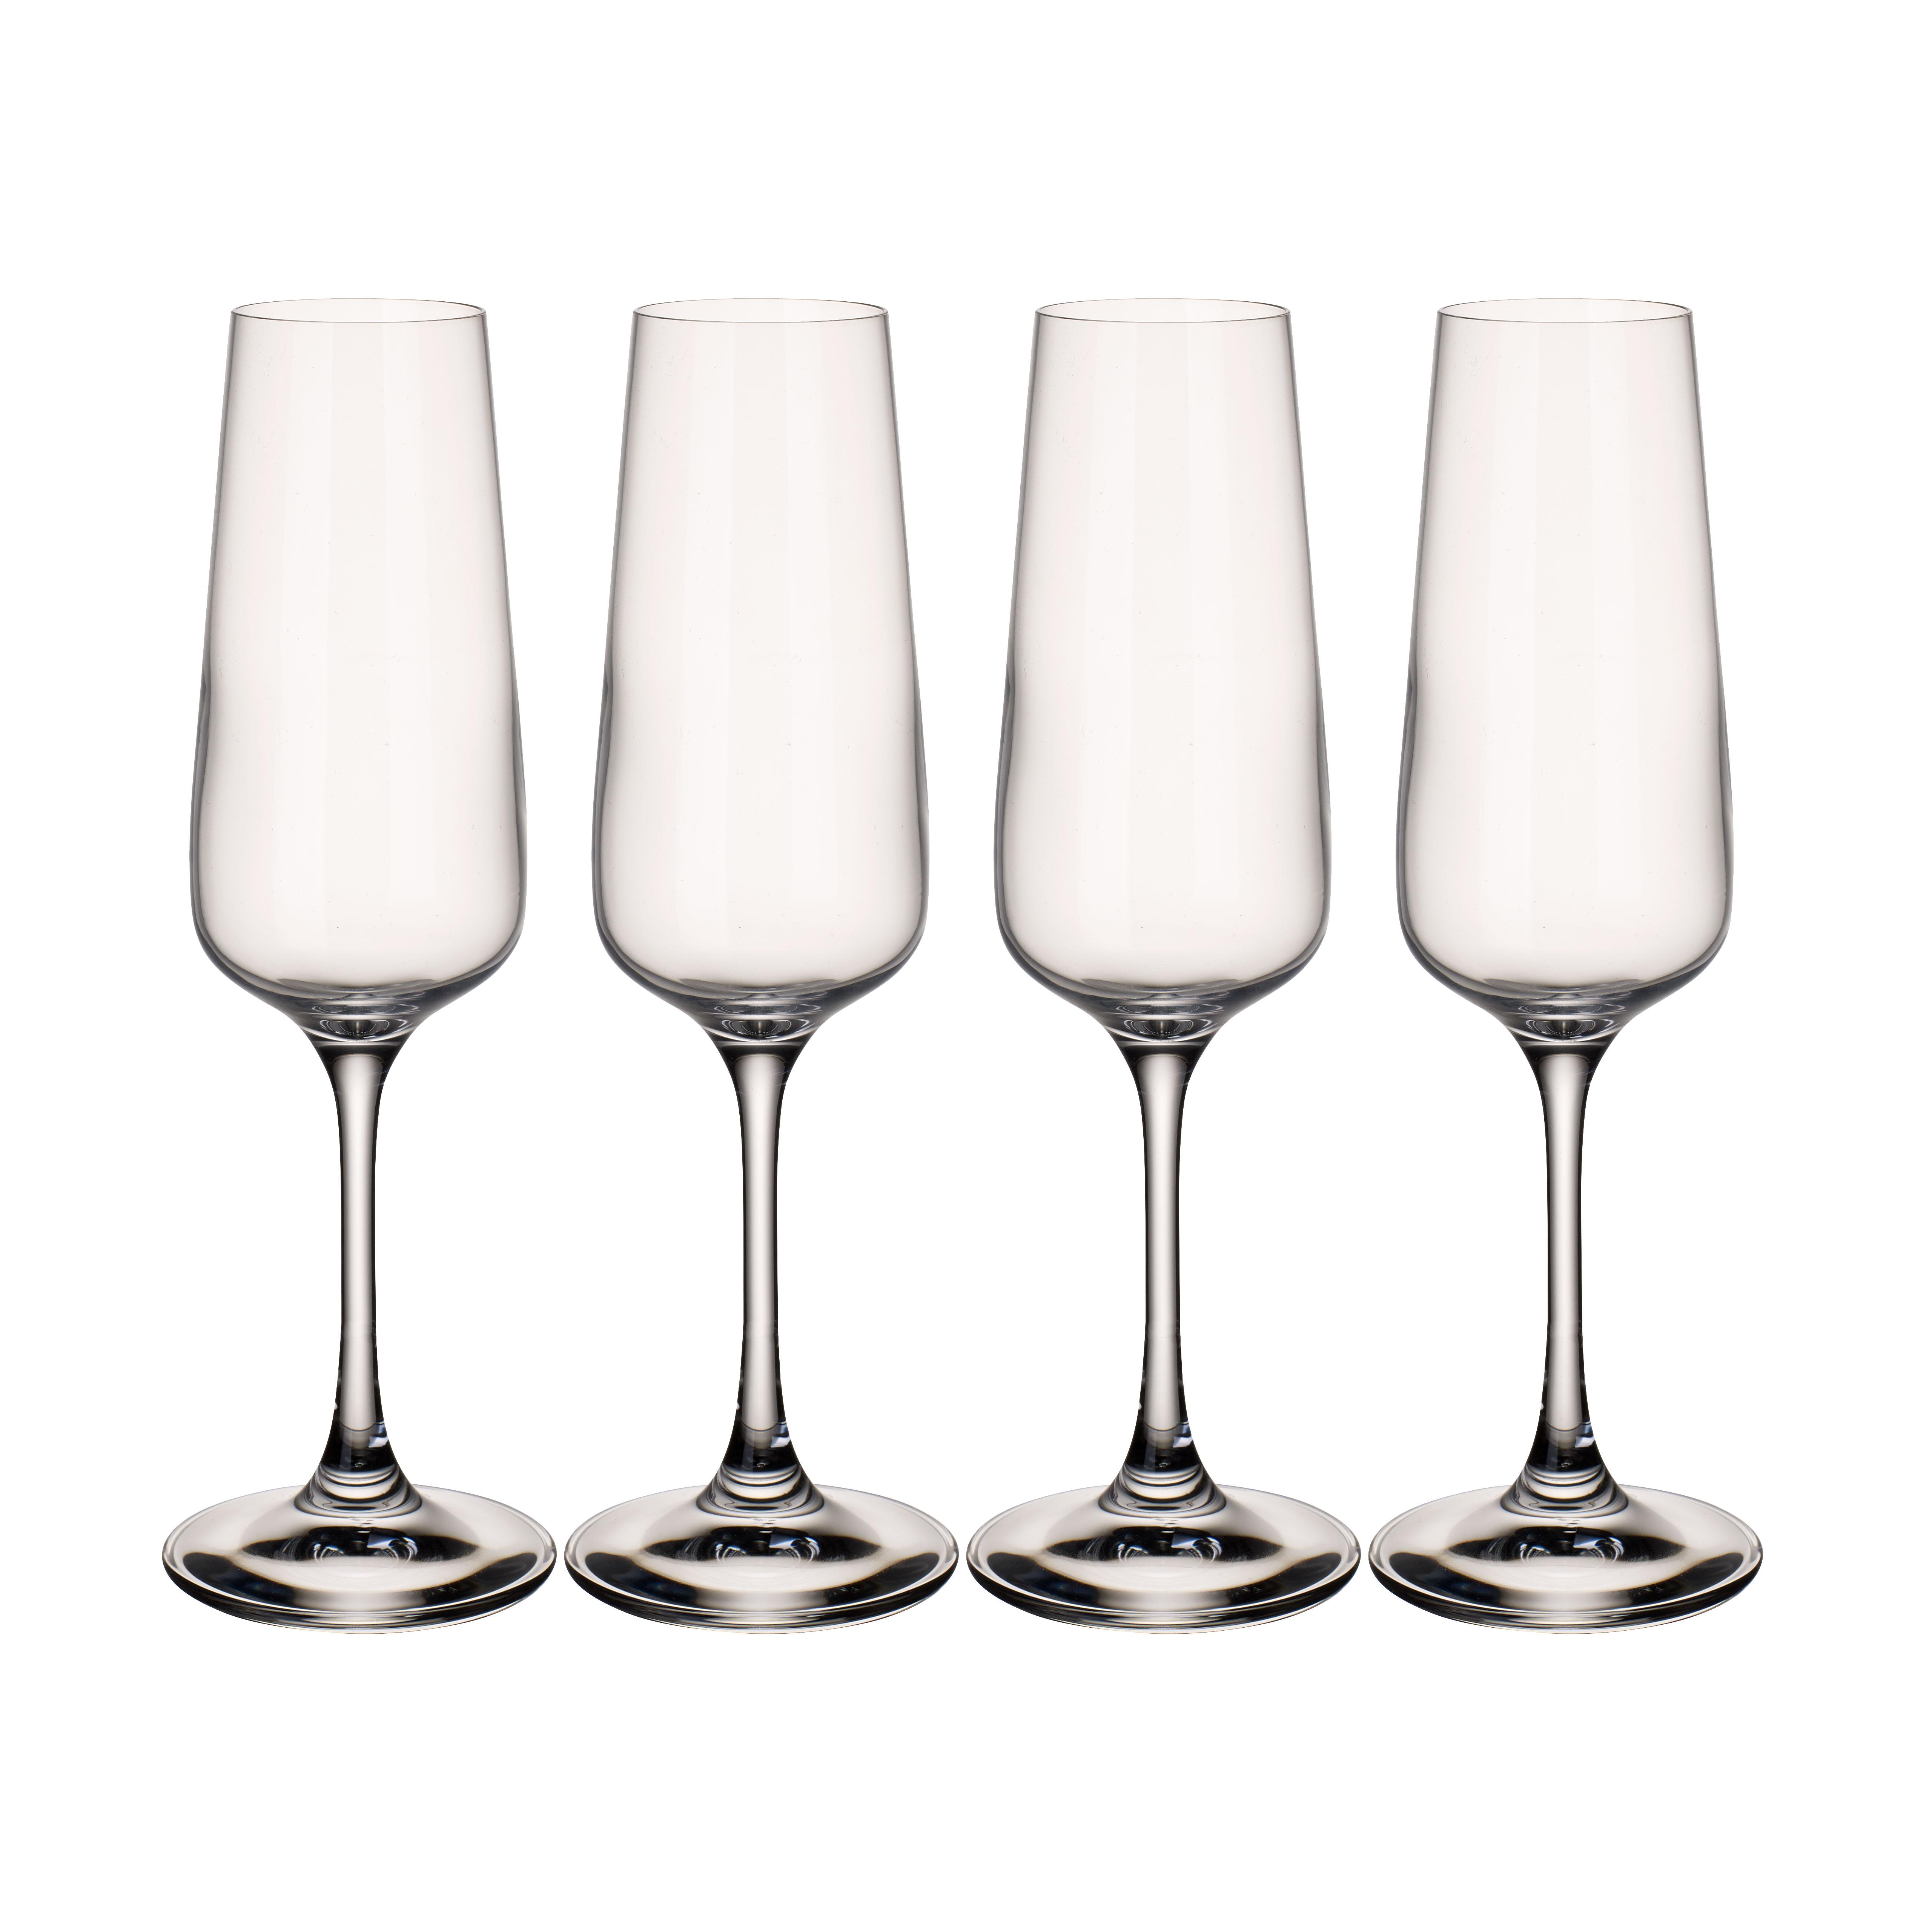 Billede af Villeroy & Boch champagneglas - Ovid - 4 stk.